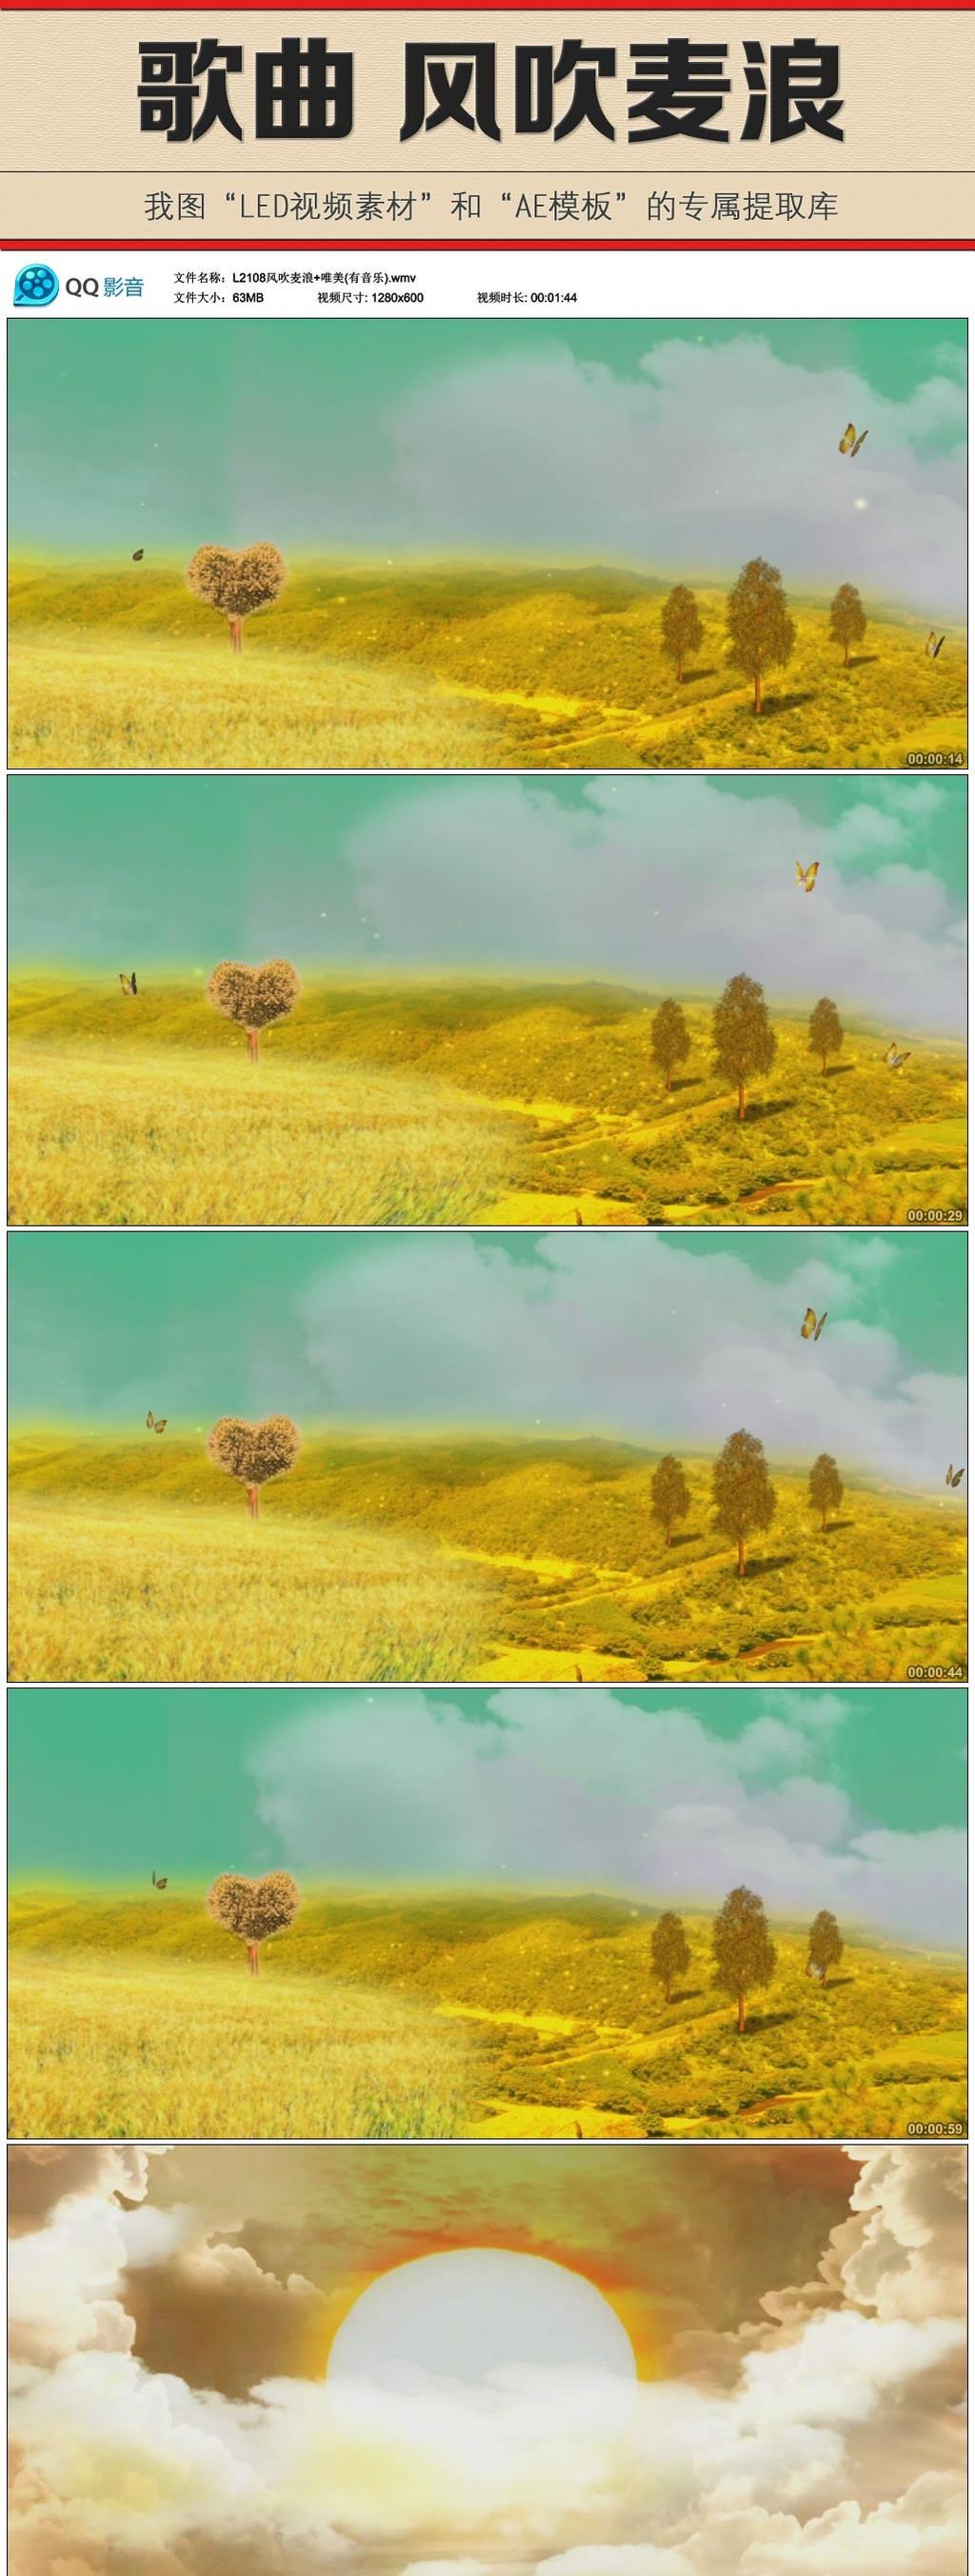 歌曲《风吹麦浪》led视频